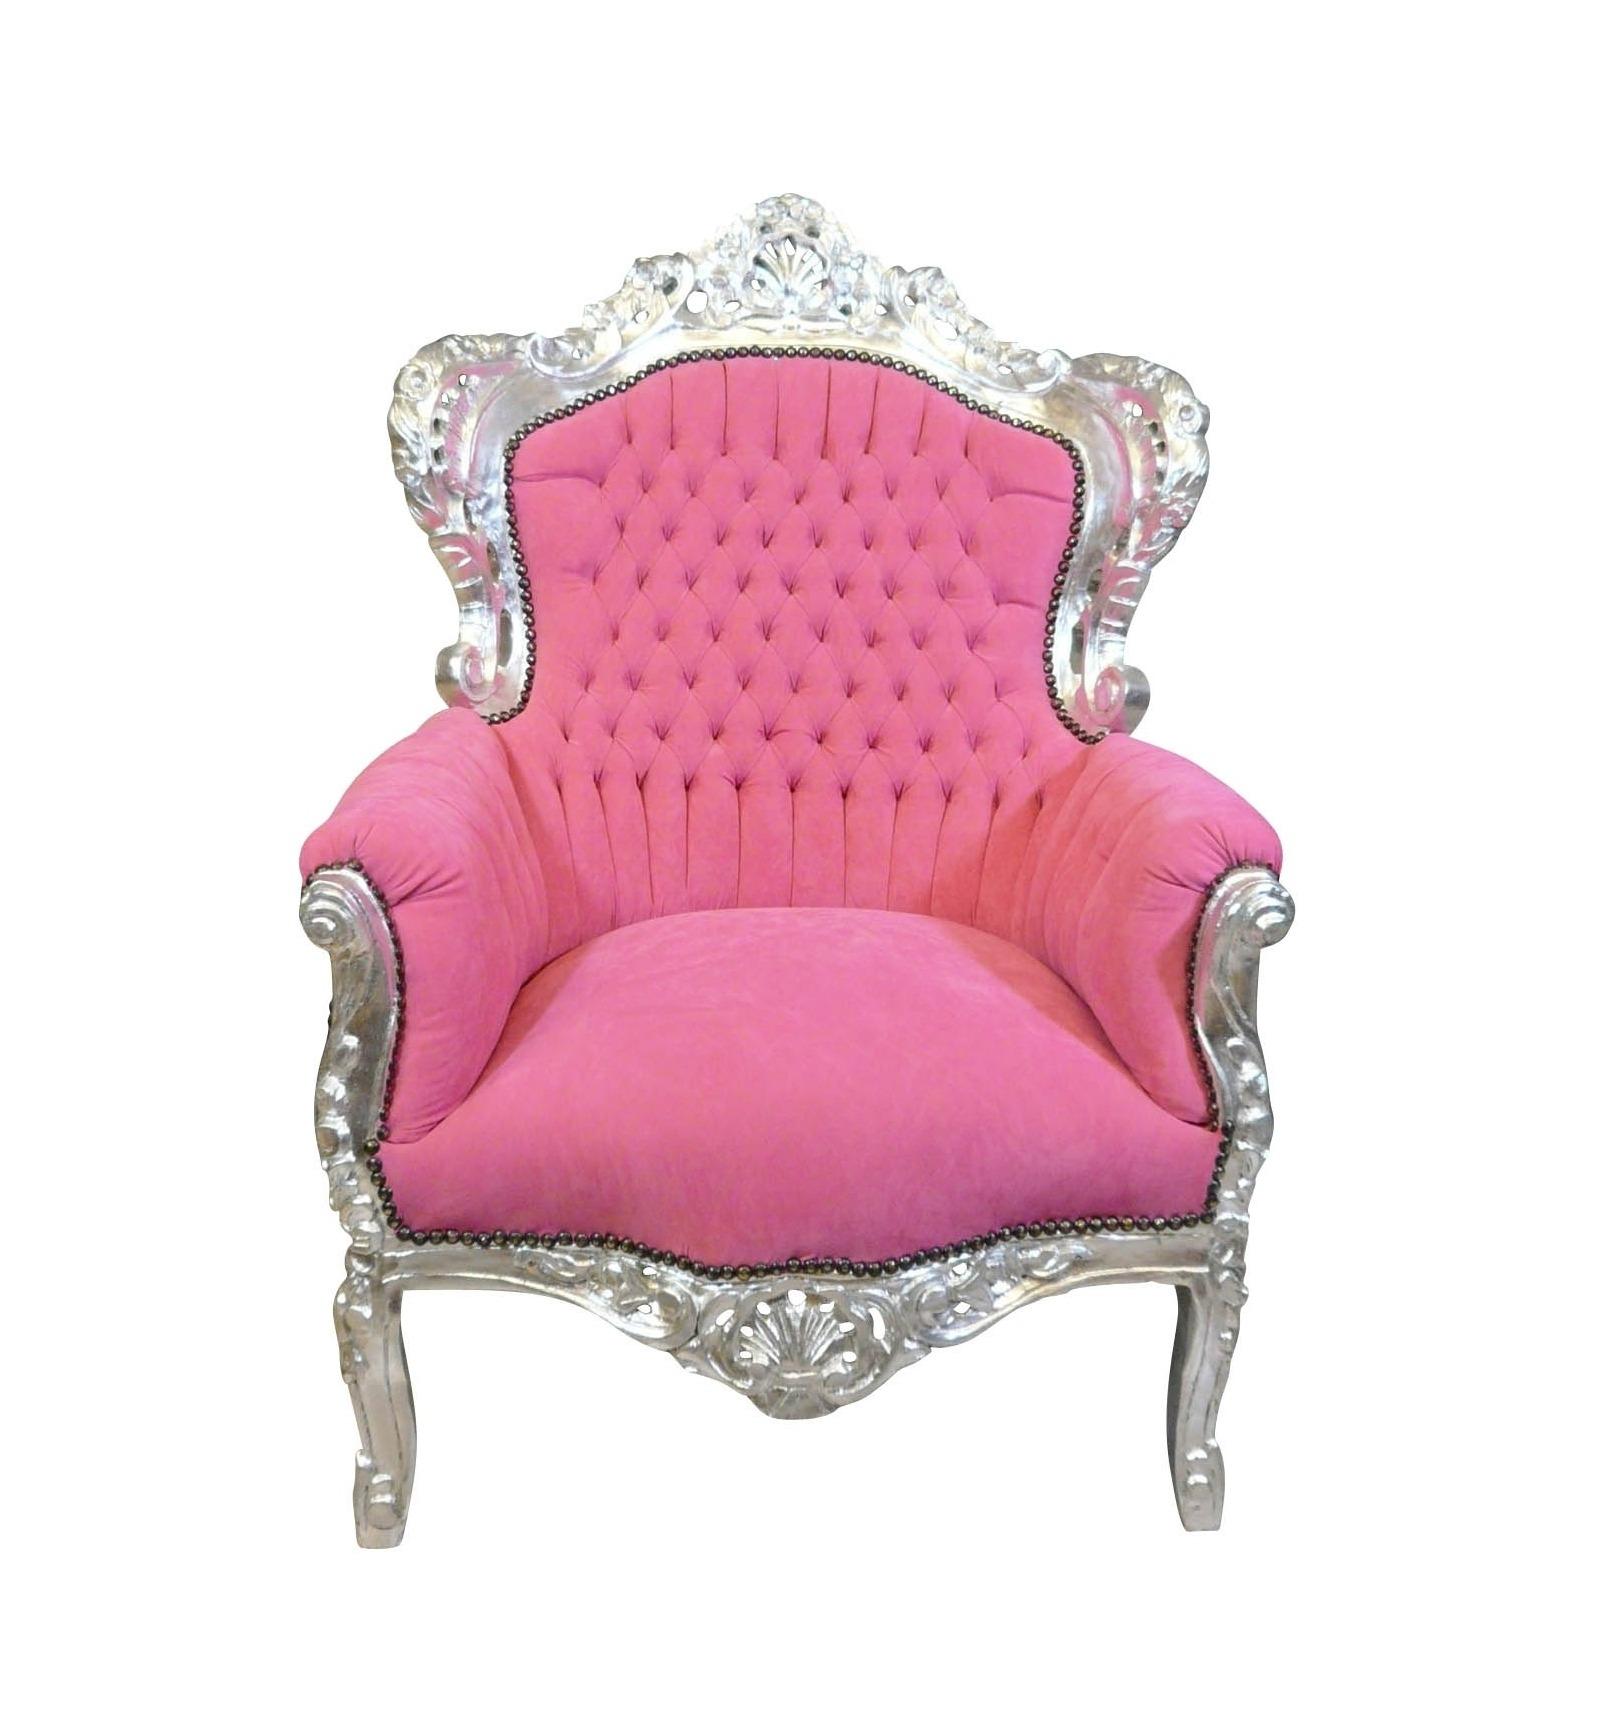 poltrona barocca rosa sedia tavolo mobili e conveniente